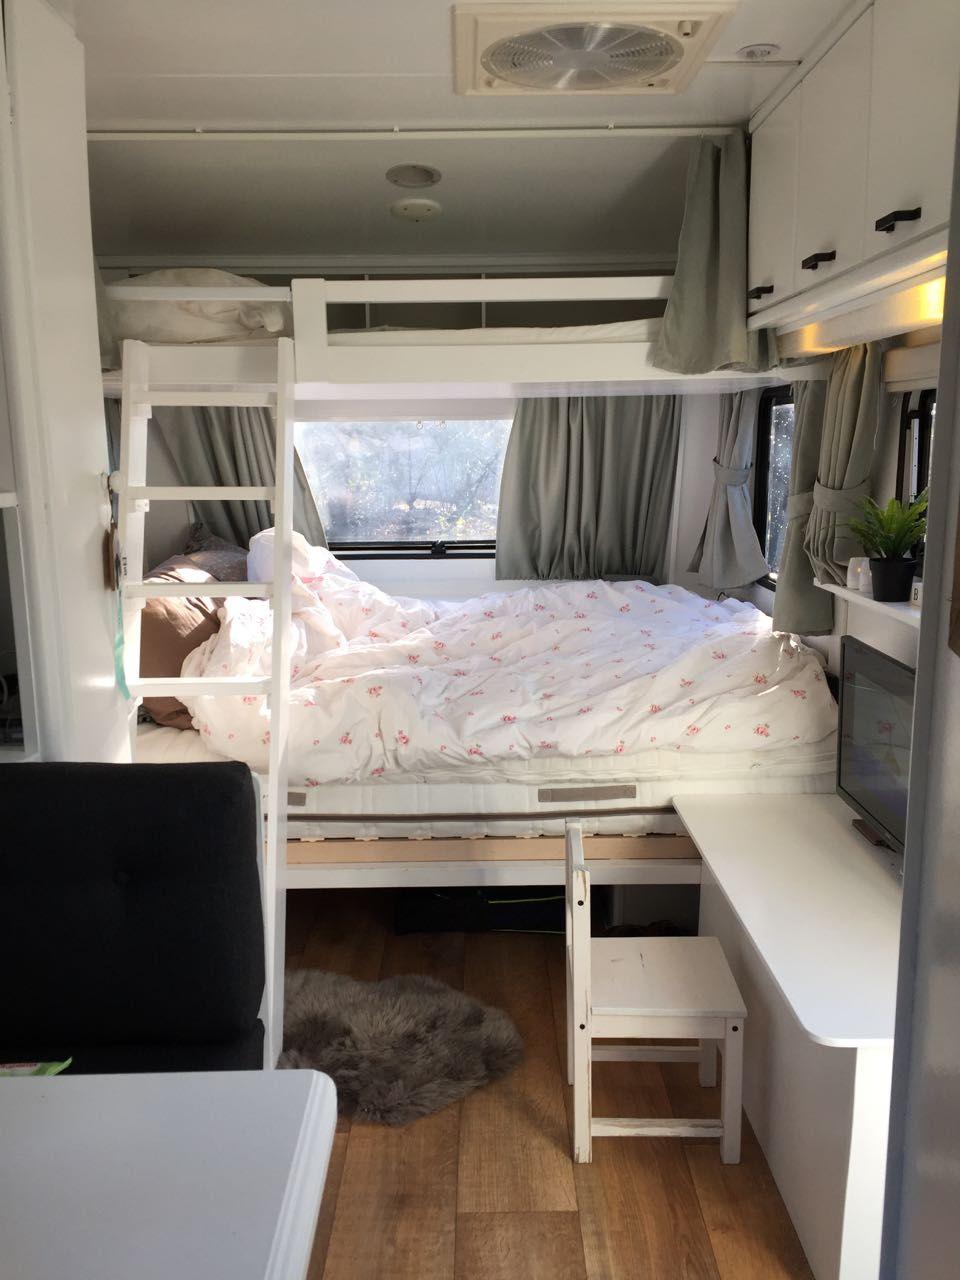 erstellen sie ein wohnwagen etagenbett caravanity5 wohnwagen pinterest wohnwagen. Black Bedroom Furniture Sets. Home Design Ideas